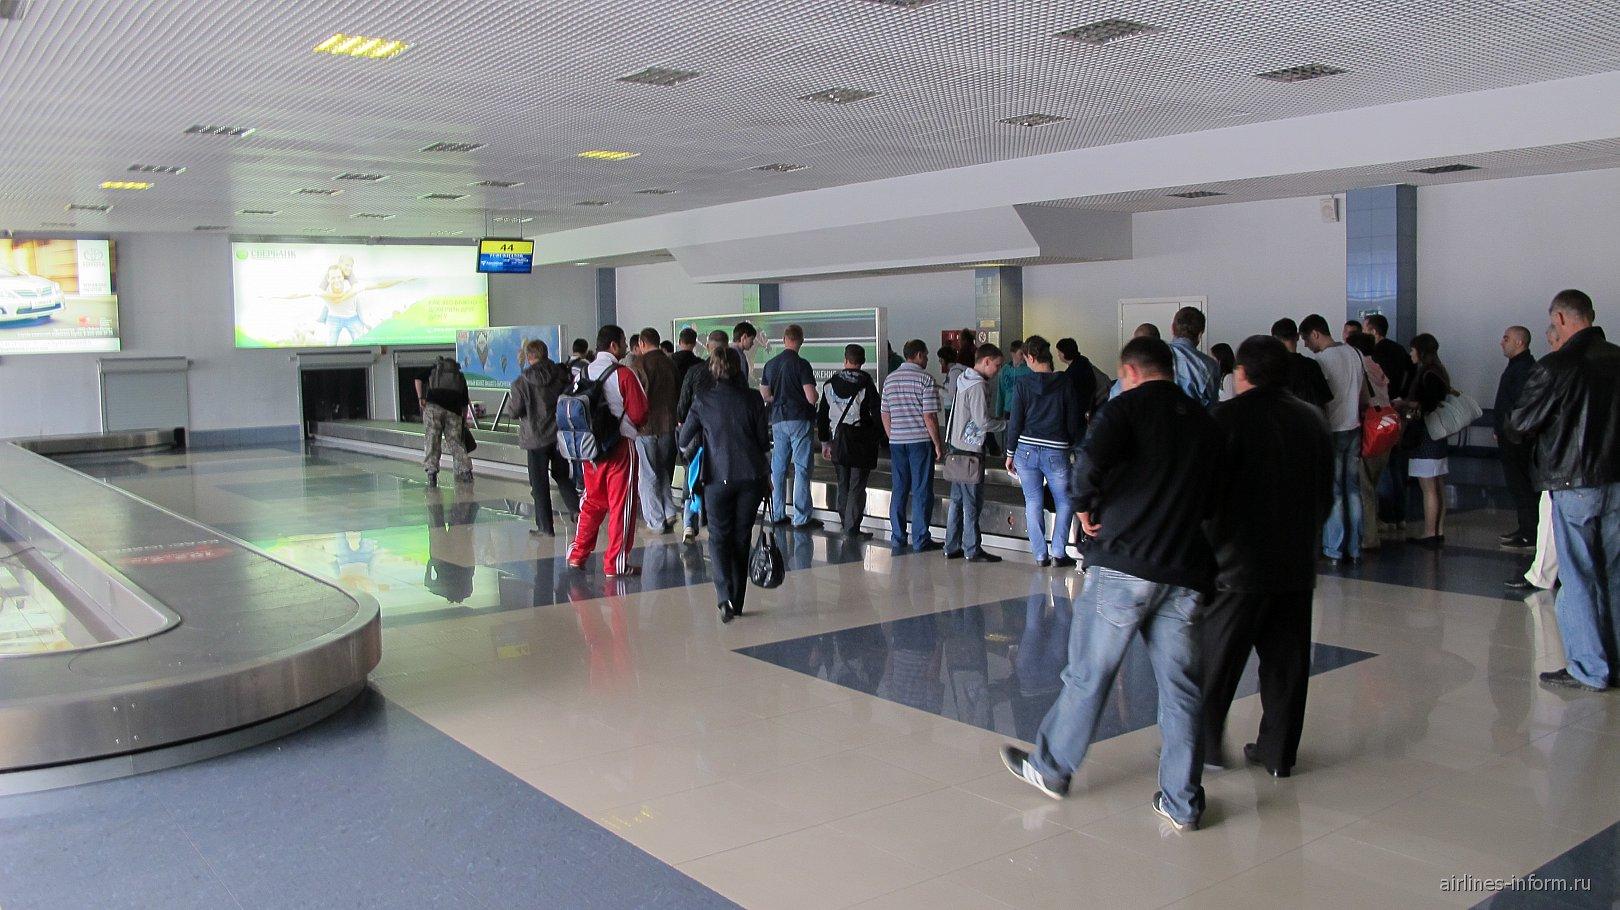 Зал выдачи багажа в аэропорту Красноярск Емельяново